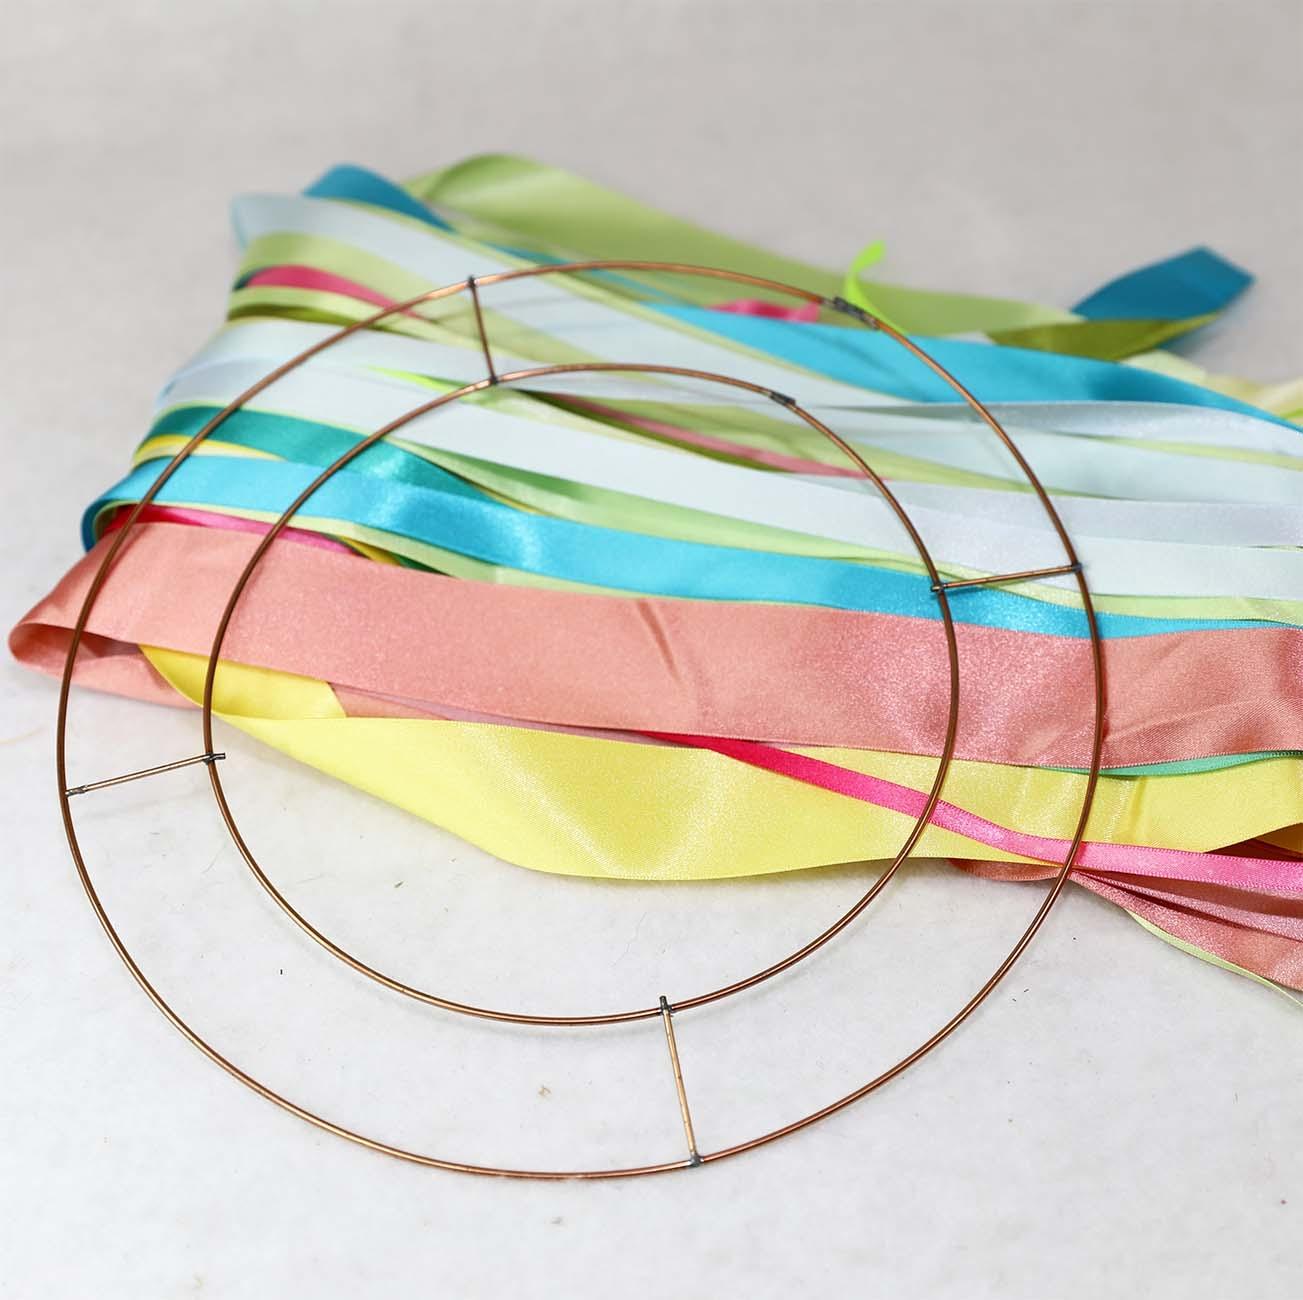 ribbon shade kit contents